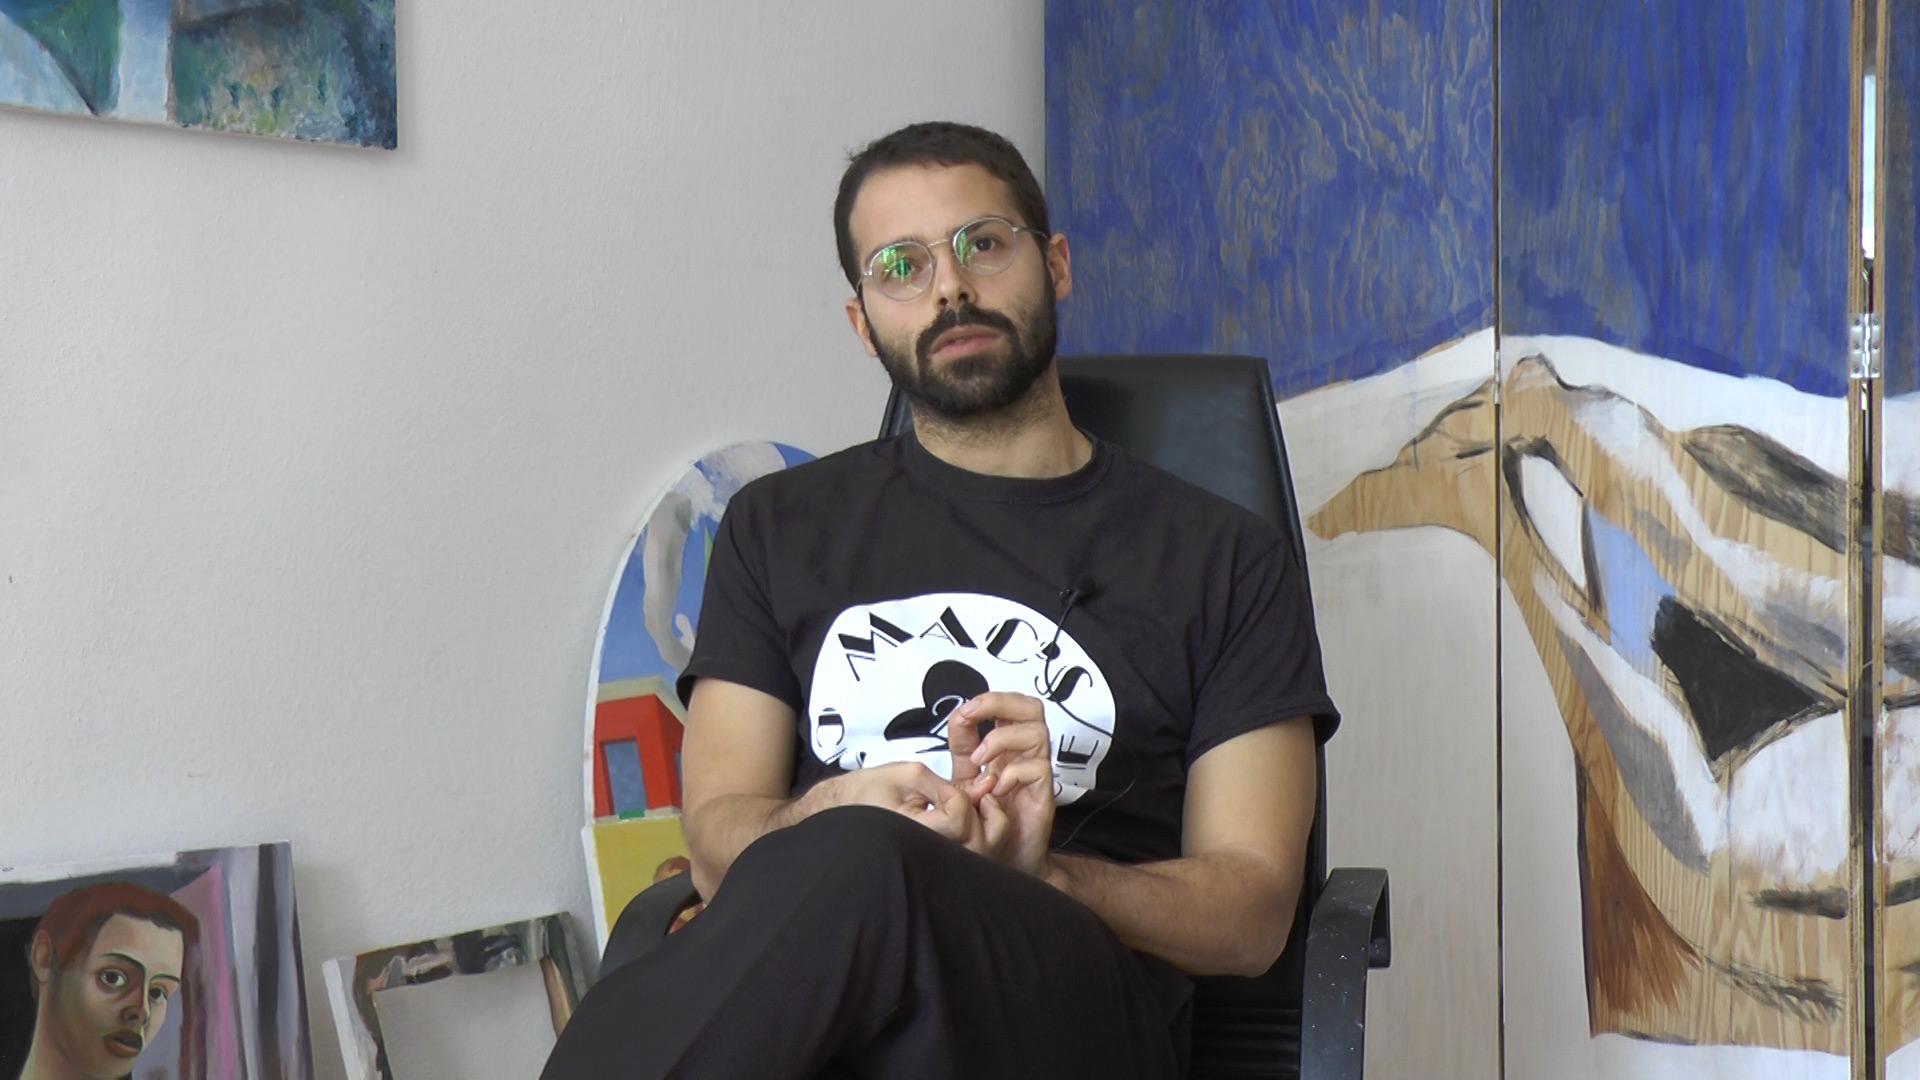 L'artista Giovanni Copelli nel suo studio a Reggio Emilia